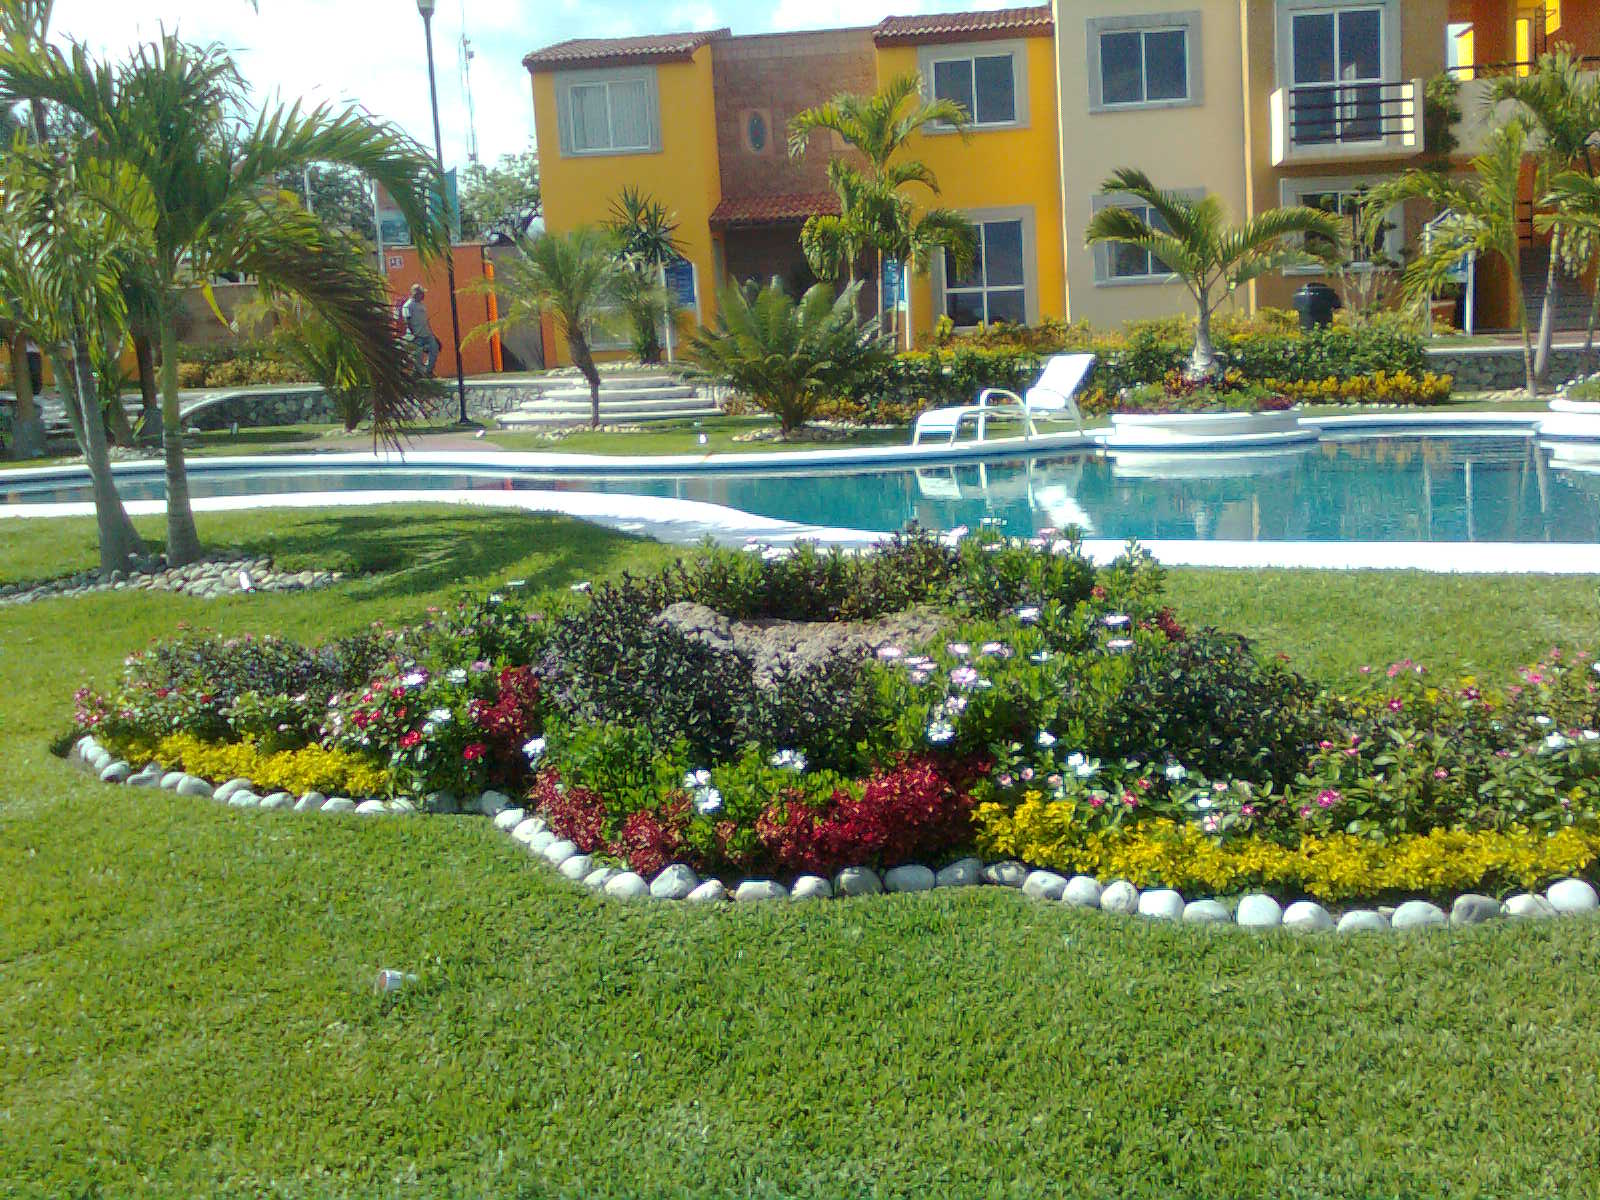 Creaciones en dise o de jardines chegue jardines for Diseno jardines